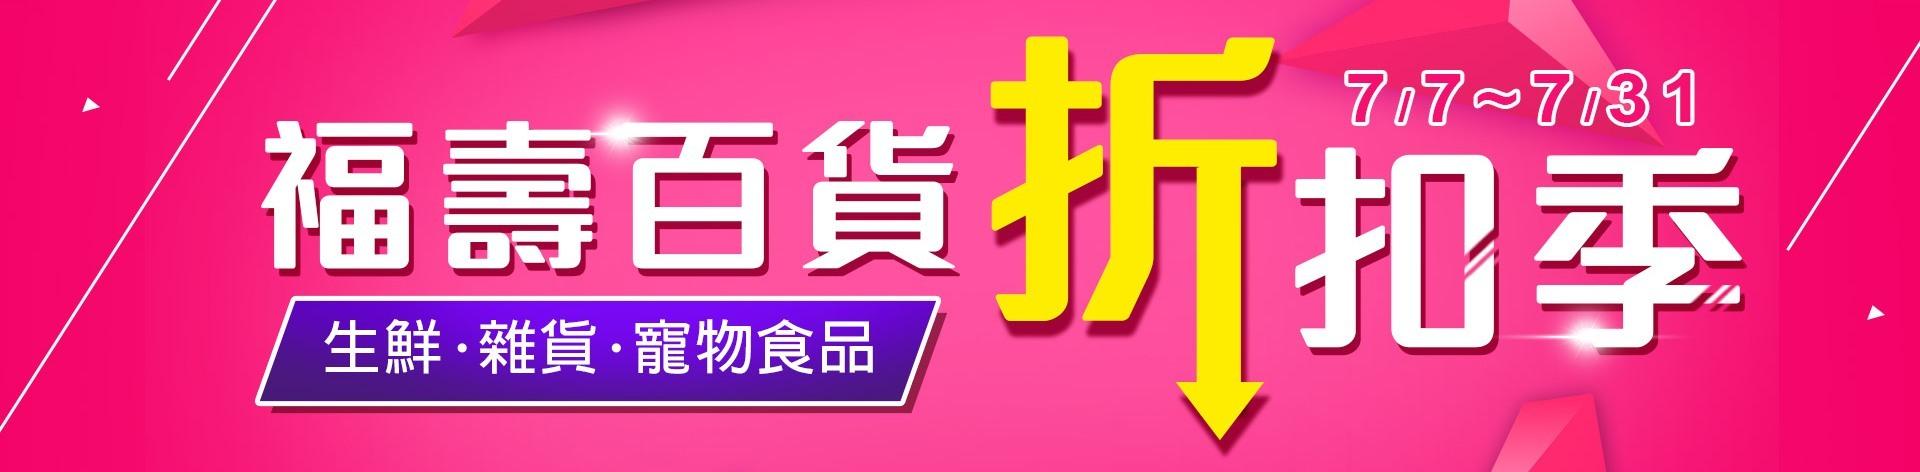 福壽百貨折扣季7/7-7/31